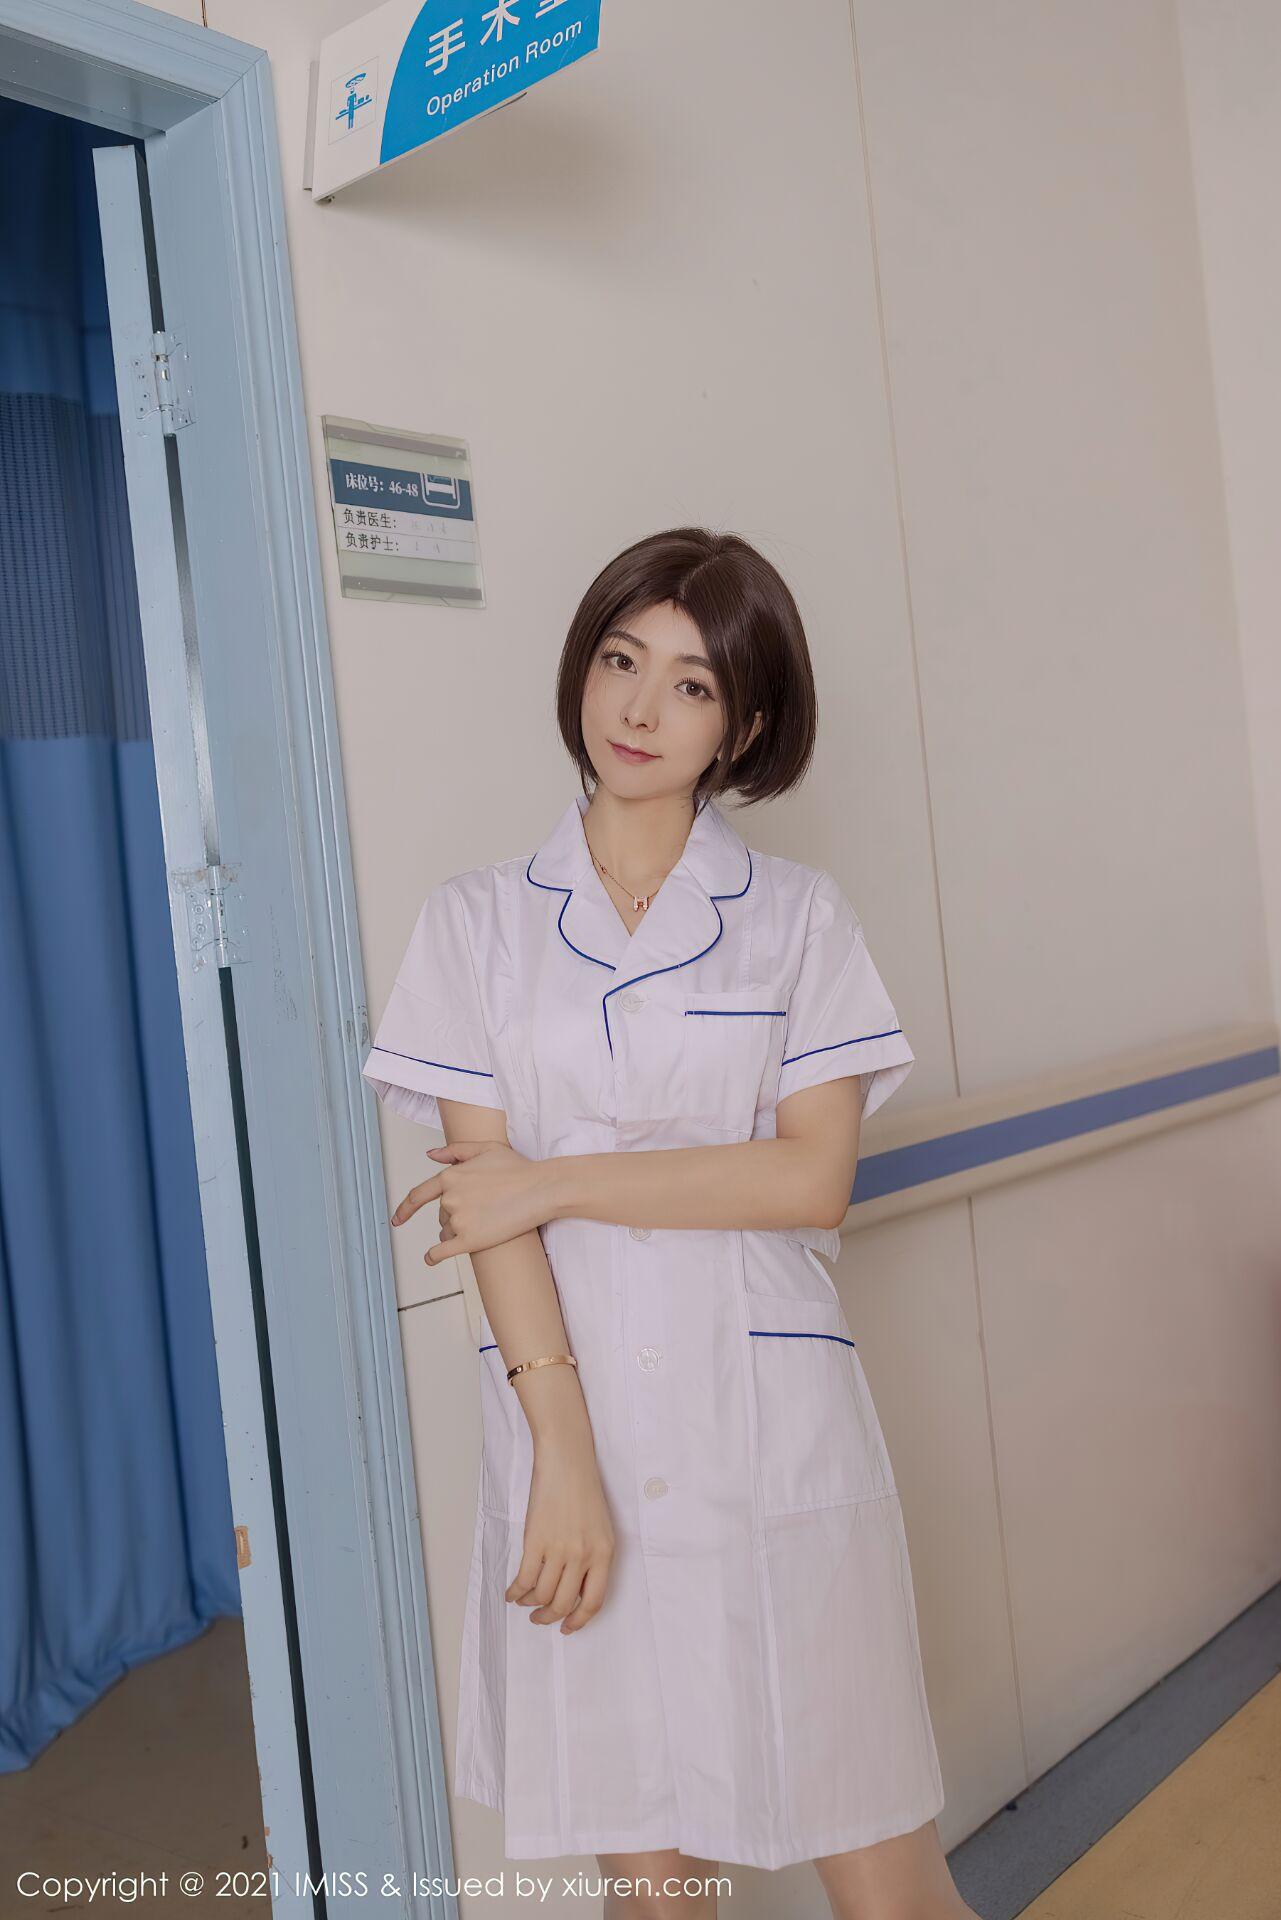 剧情〕护士小姐姐说我这高烧,吊针都不管用,必须要运动!……她都tuo衣服了……我还能怎样-极速屋